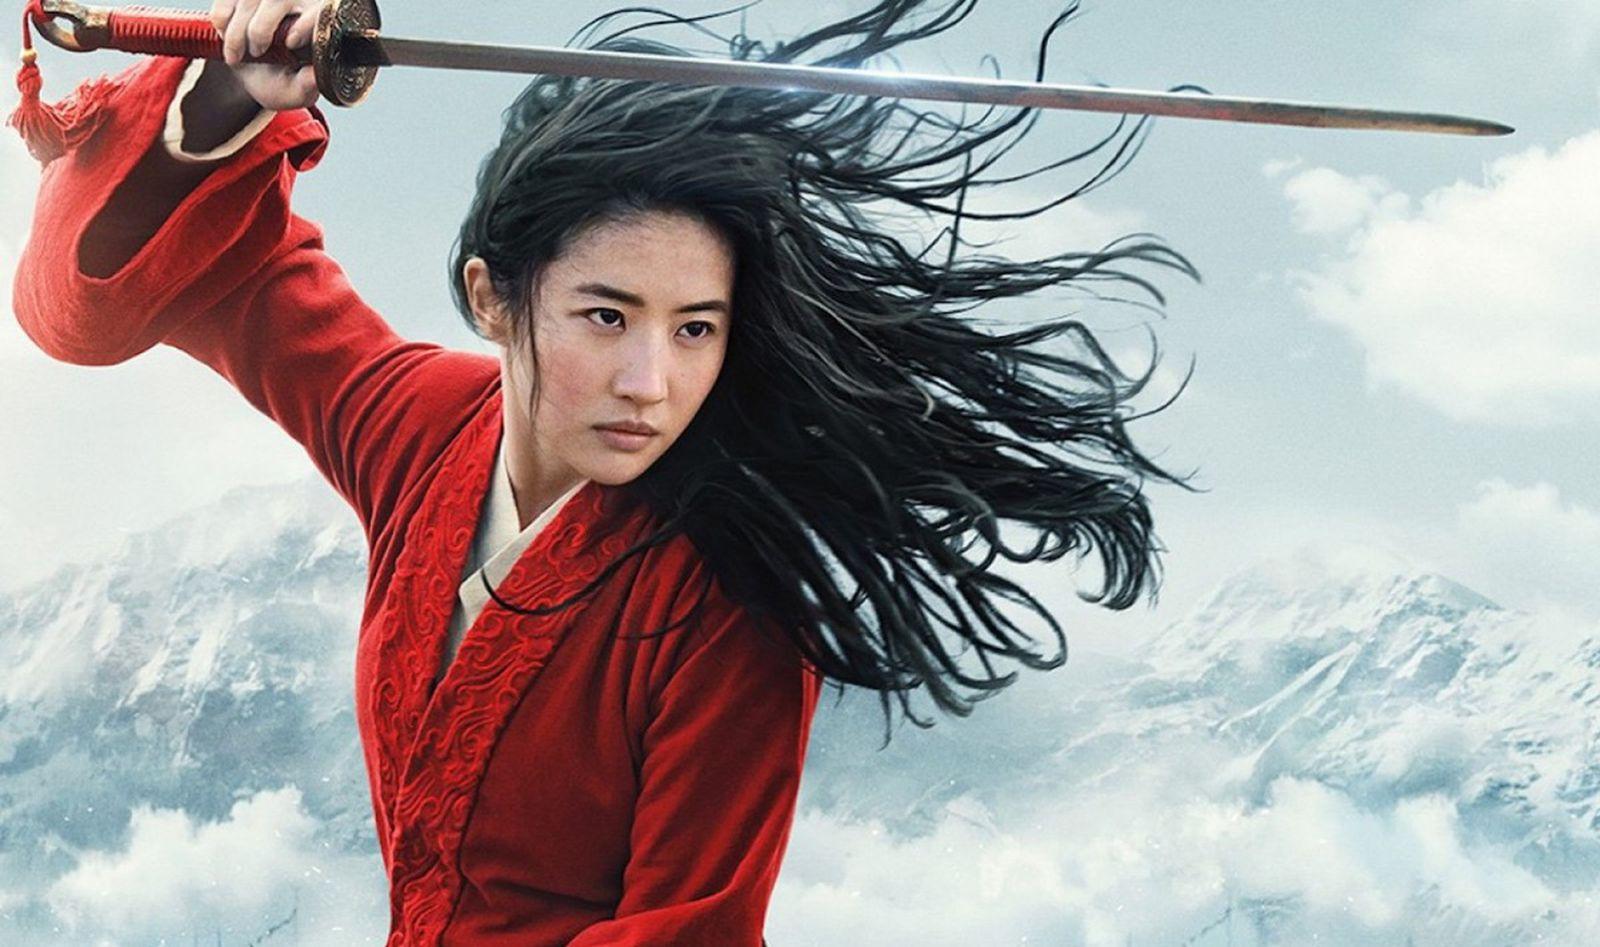 Mulan promotional material